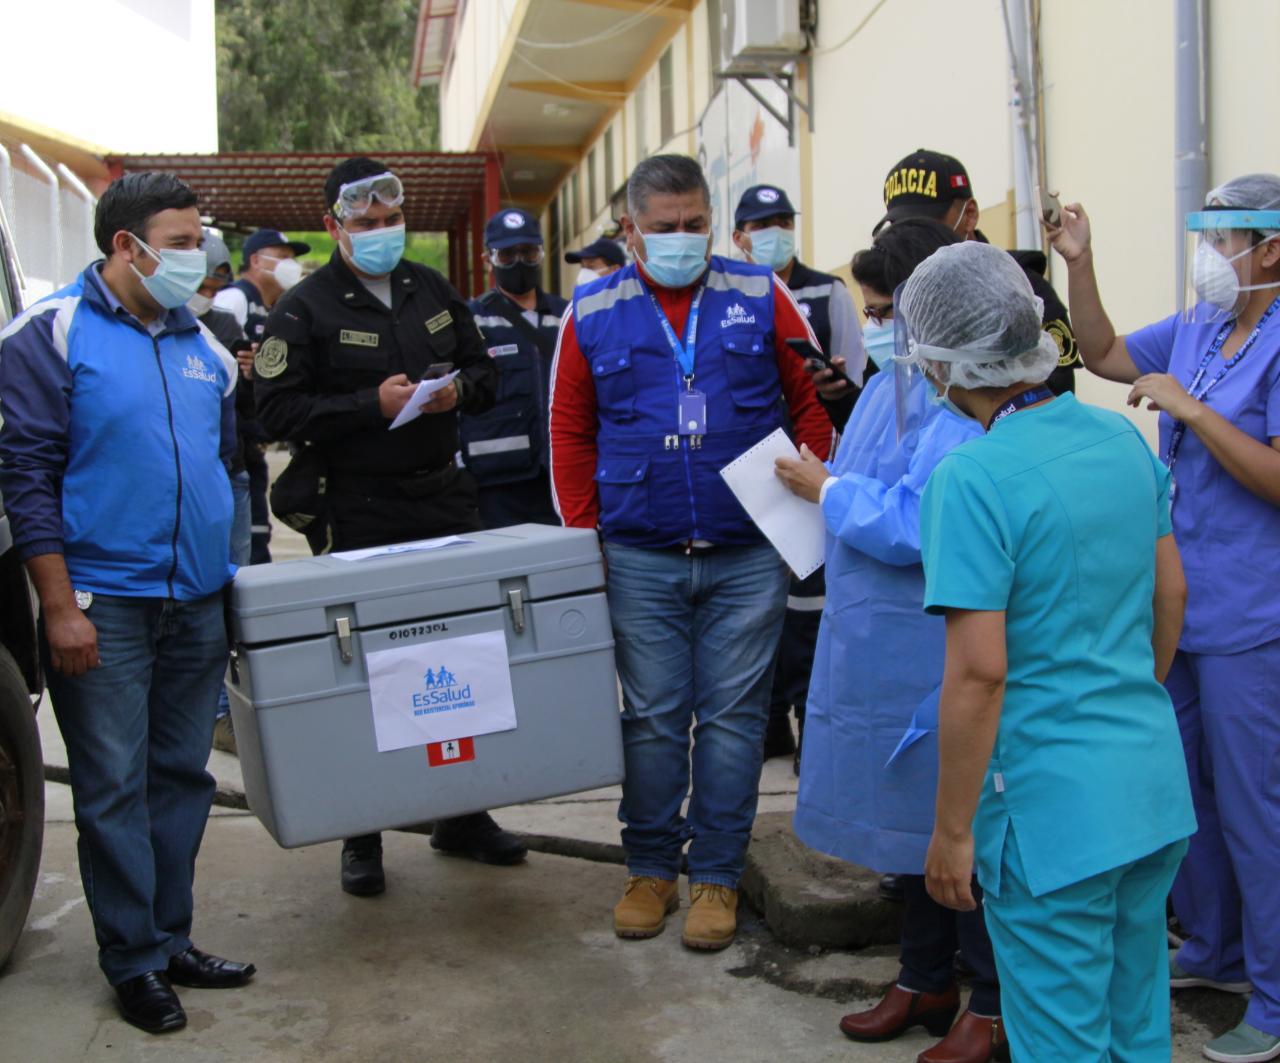 Essalud - Ocho regiones más recibieron primer lote de vacunas contra Covid-19 en segundo día de distribución realizada por EsSalud